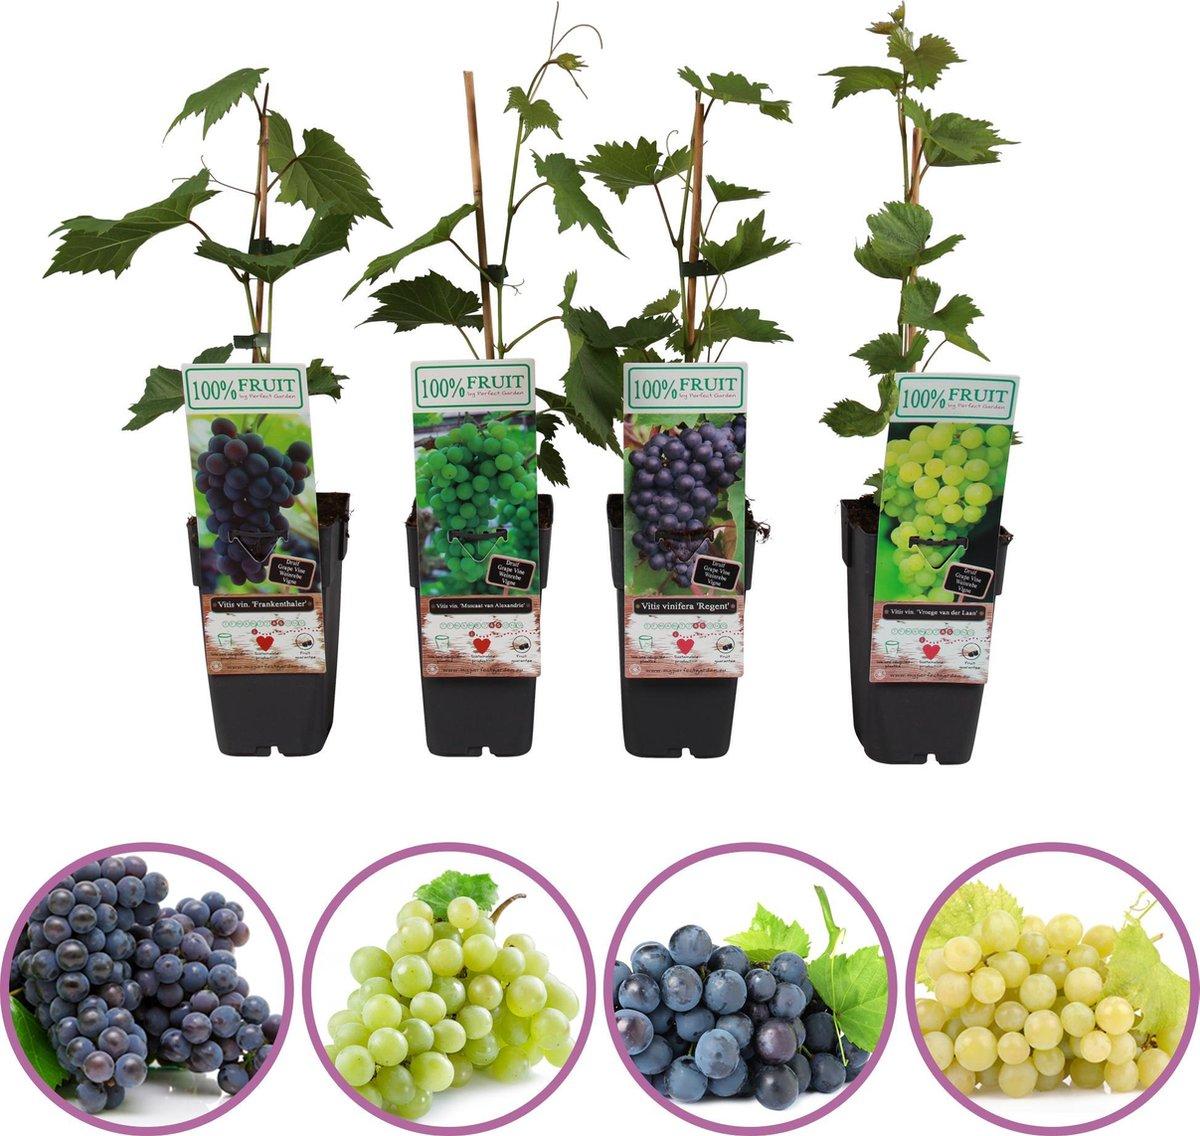 Druiven fruitplanten mix - set van 4 verschillende druiven - 2 blauwe en 2 witte druiven - hoogte 50-60 cm - zelfbestuivend, winterhard